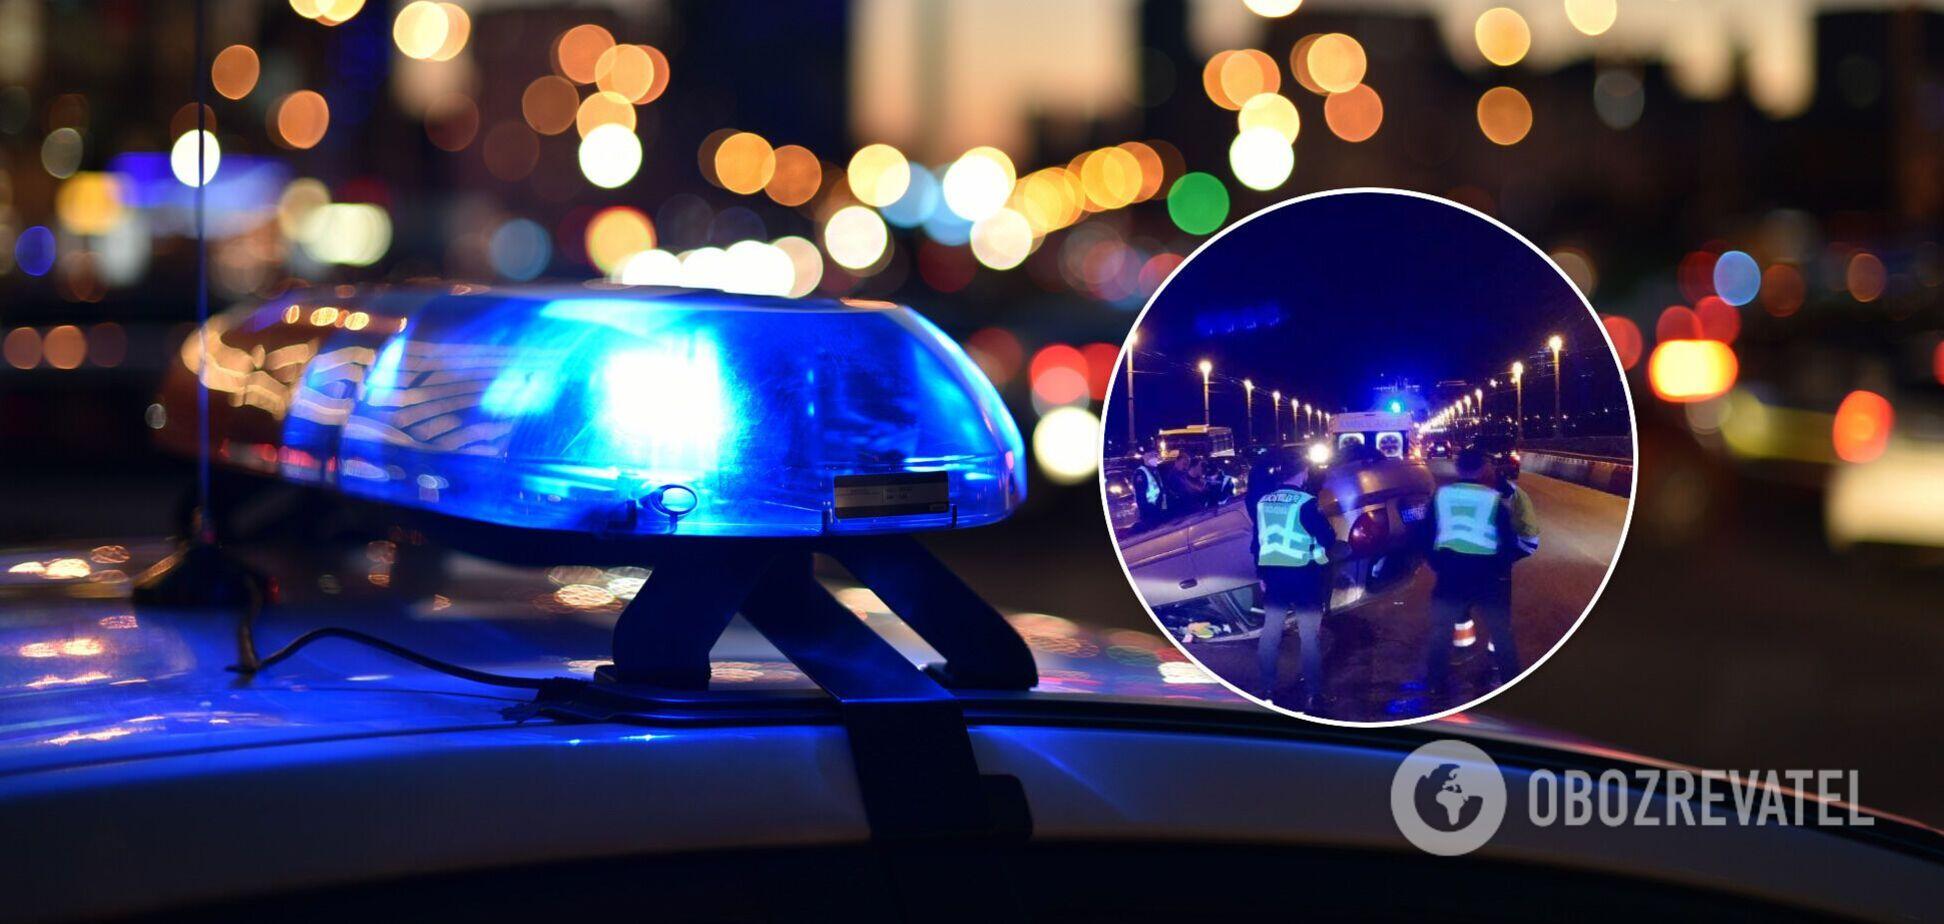 Драгер показав 3,4 проміле алкоголю в крові у водія